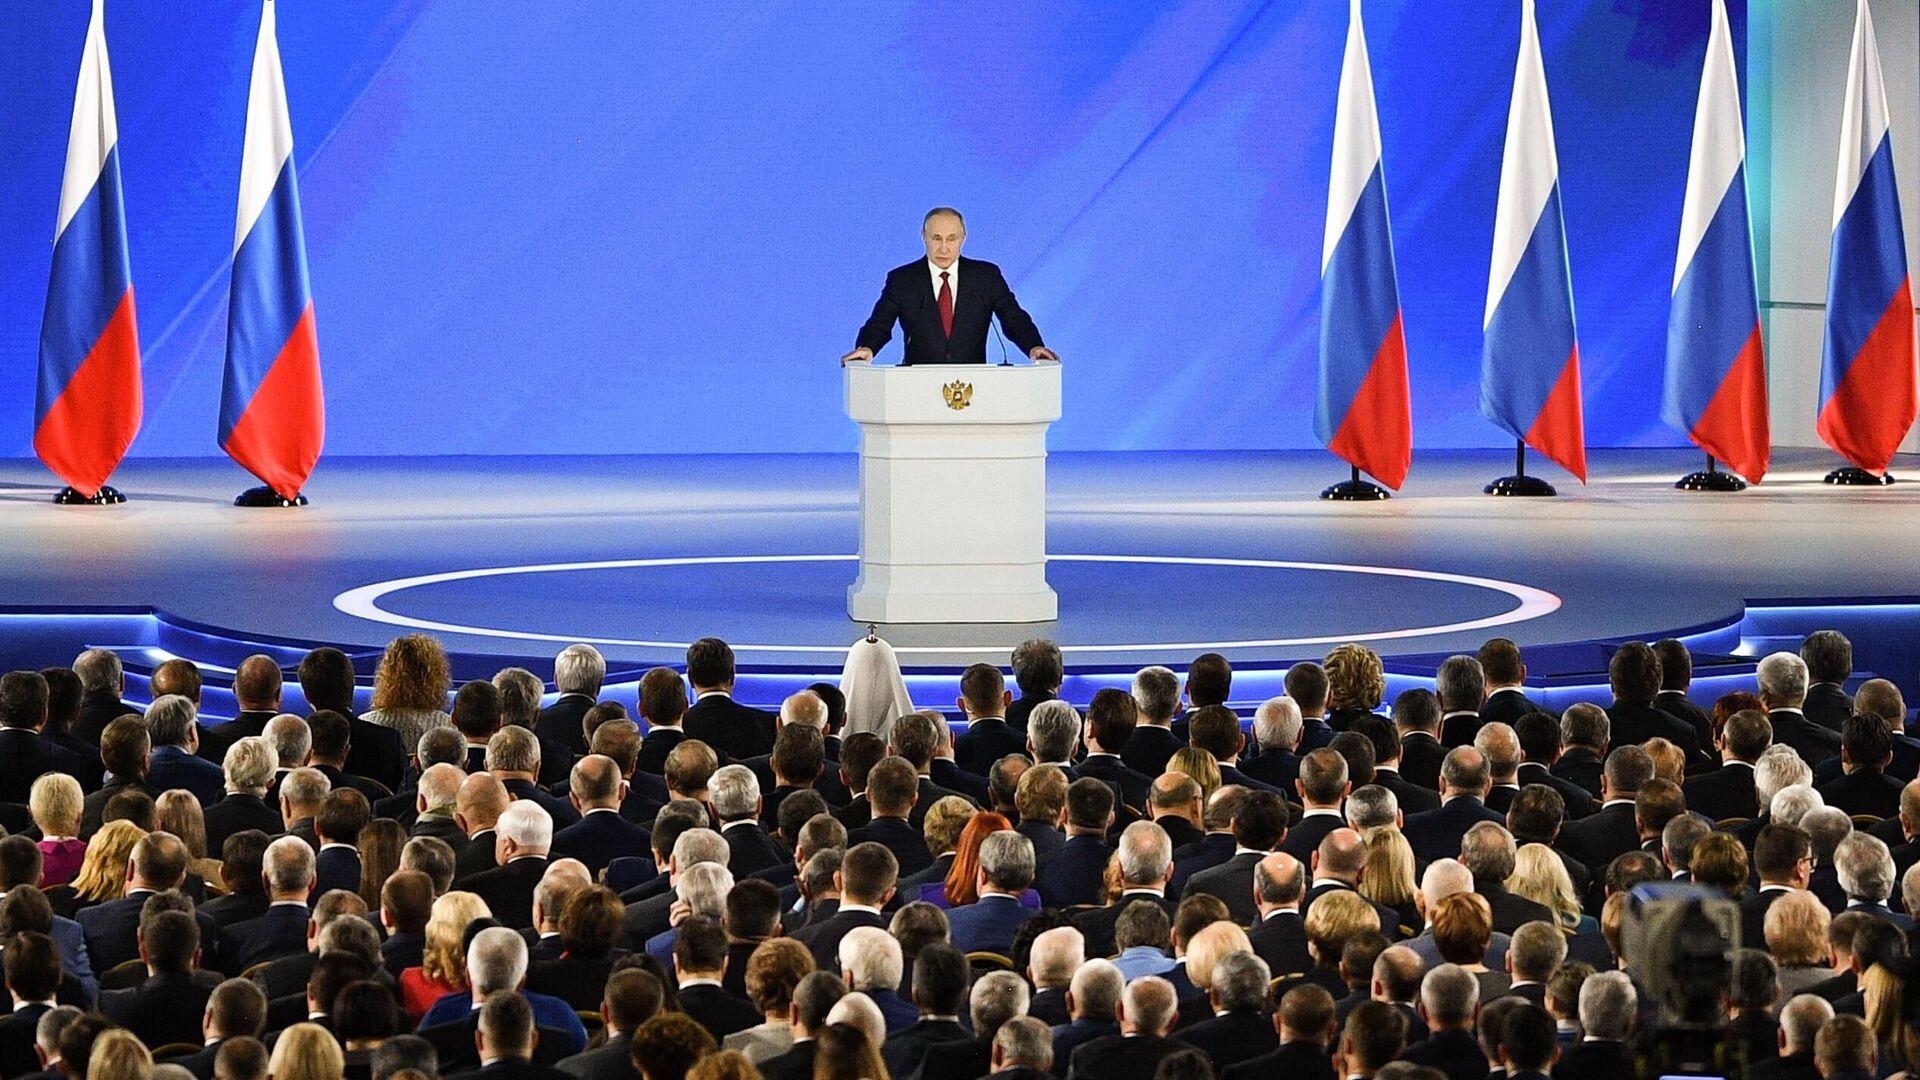 Президент России Владимир Путин выступает с ежегодной речью перед Федеральным собранием - РИА Новости, 1920, 25.02.